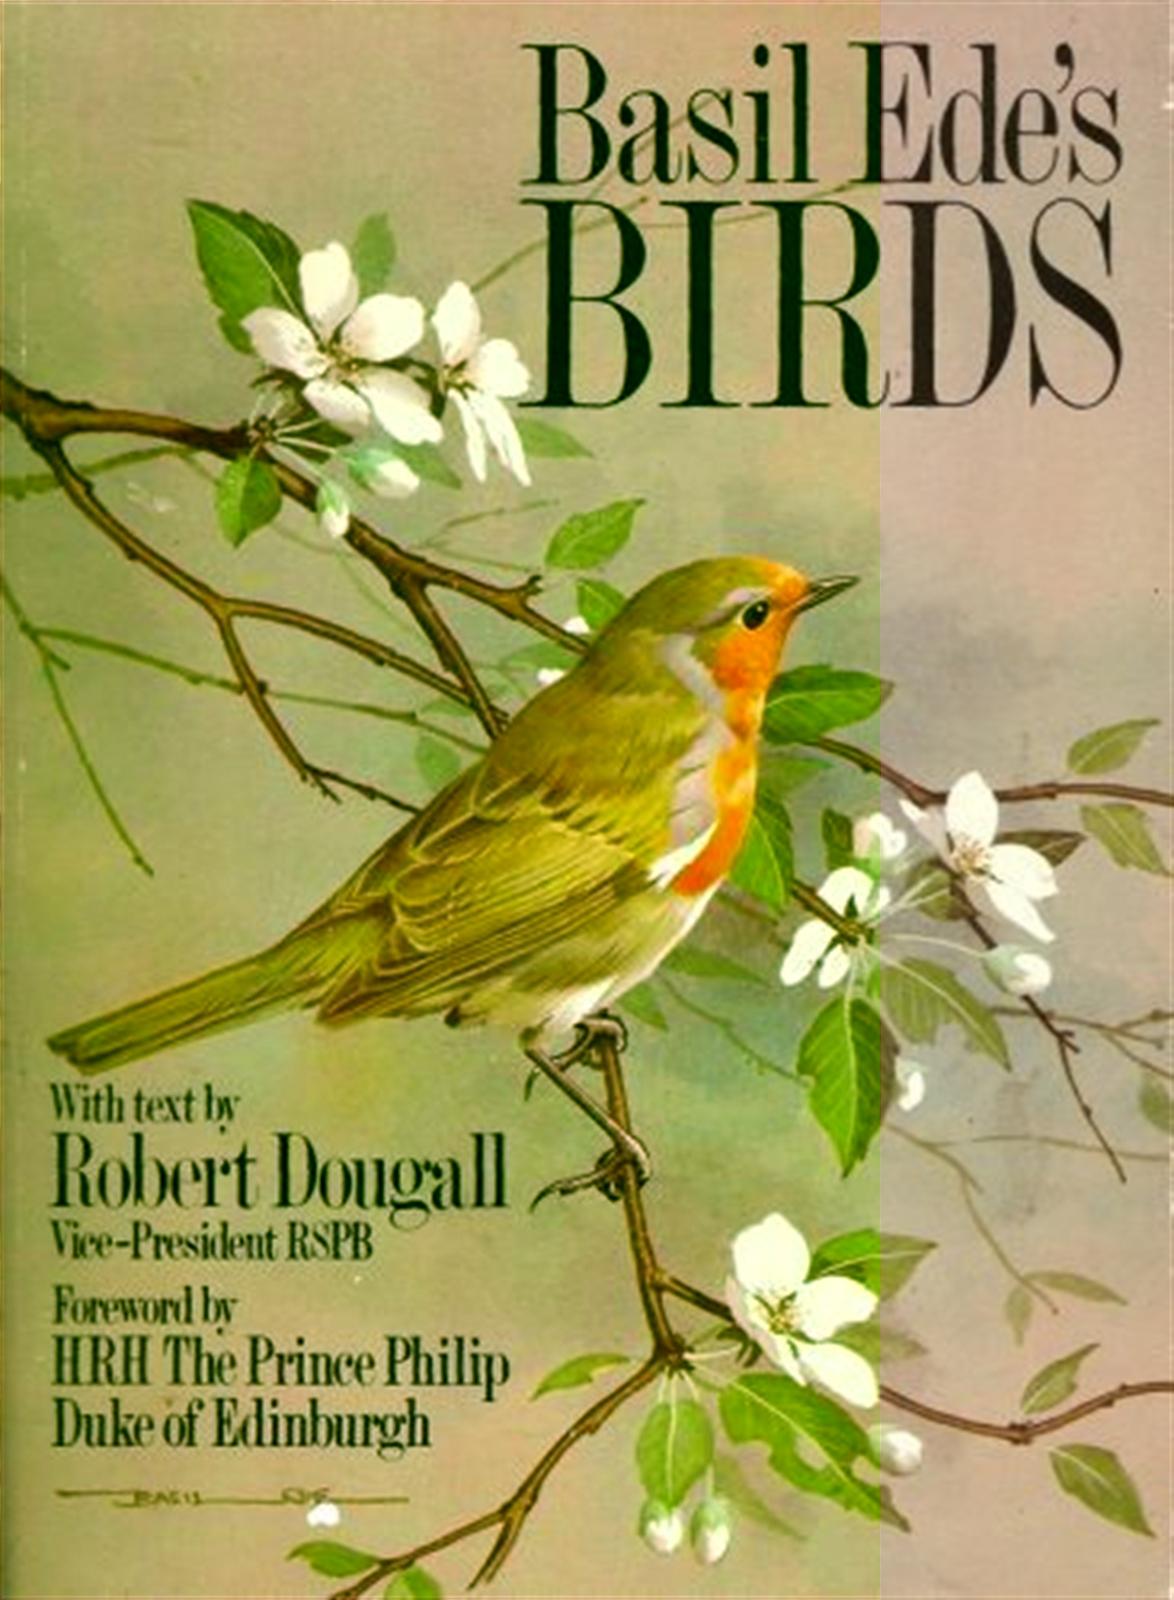 Basil Ede's Birds